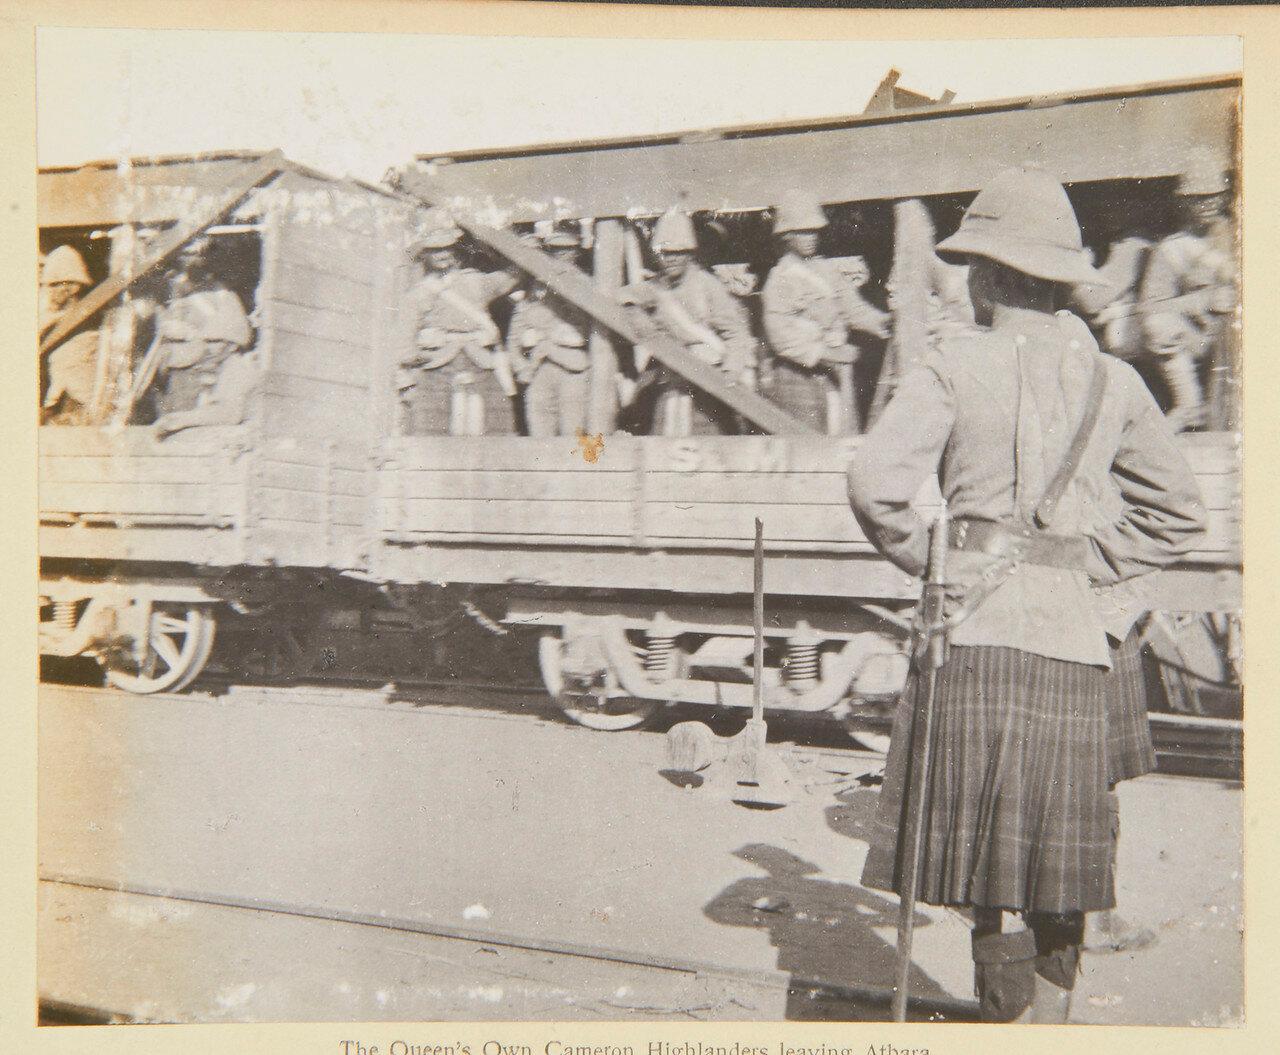 Собственный королевский Камерон-хайлендерский полк оставляет Атбару. Сентябрь 1898